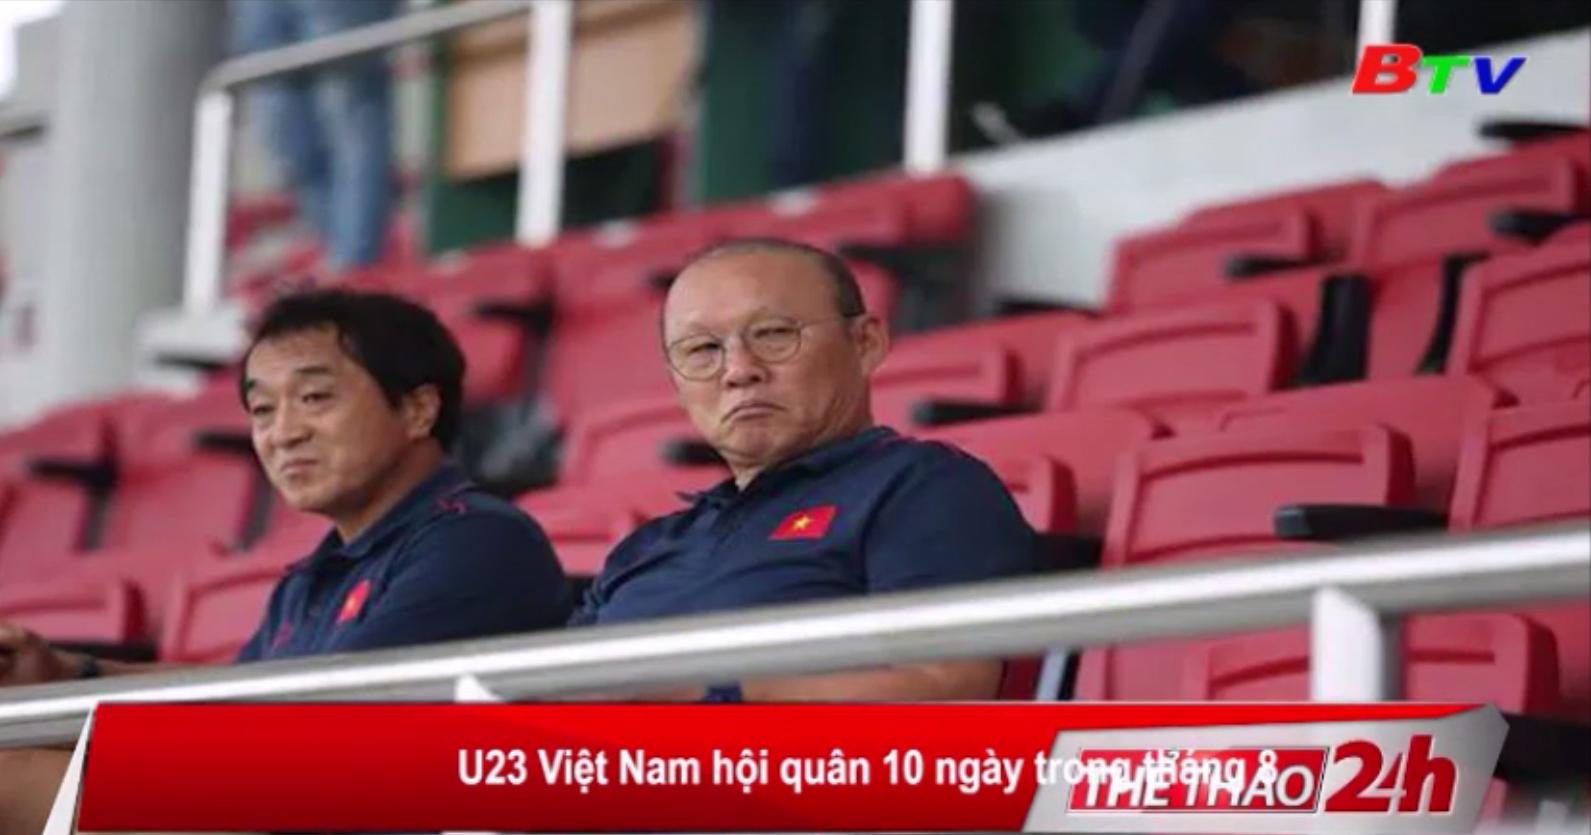 U23 Việt Nam hội quân 10 ngày trong tháng 8